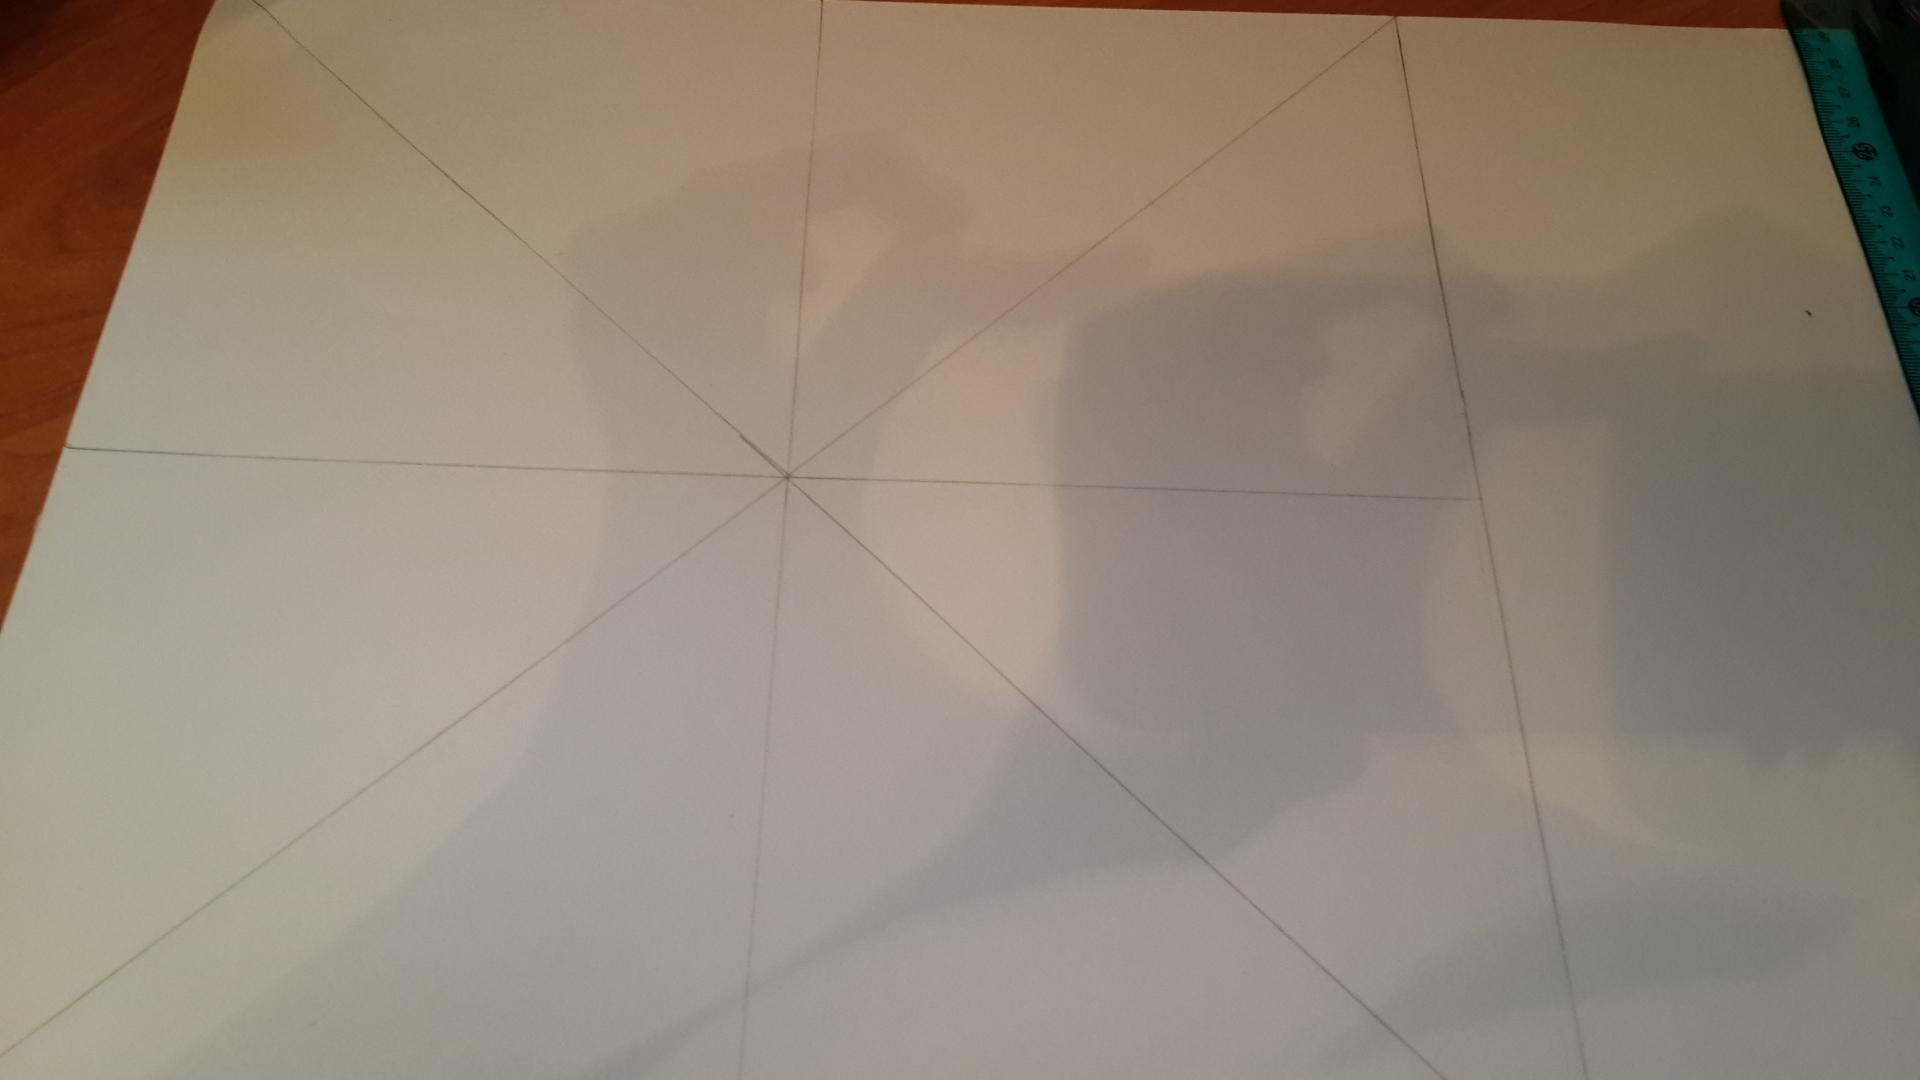 Как называется цветовой квадрат где(по оттенкам) по порядку цветаПОМОГИТЕ СРОЧНО?